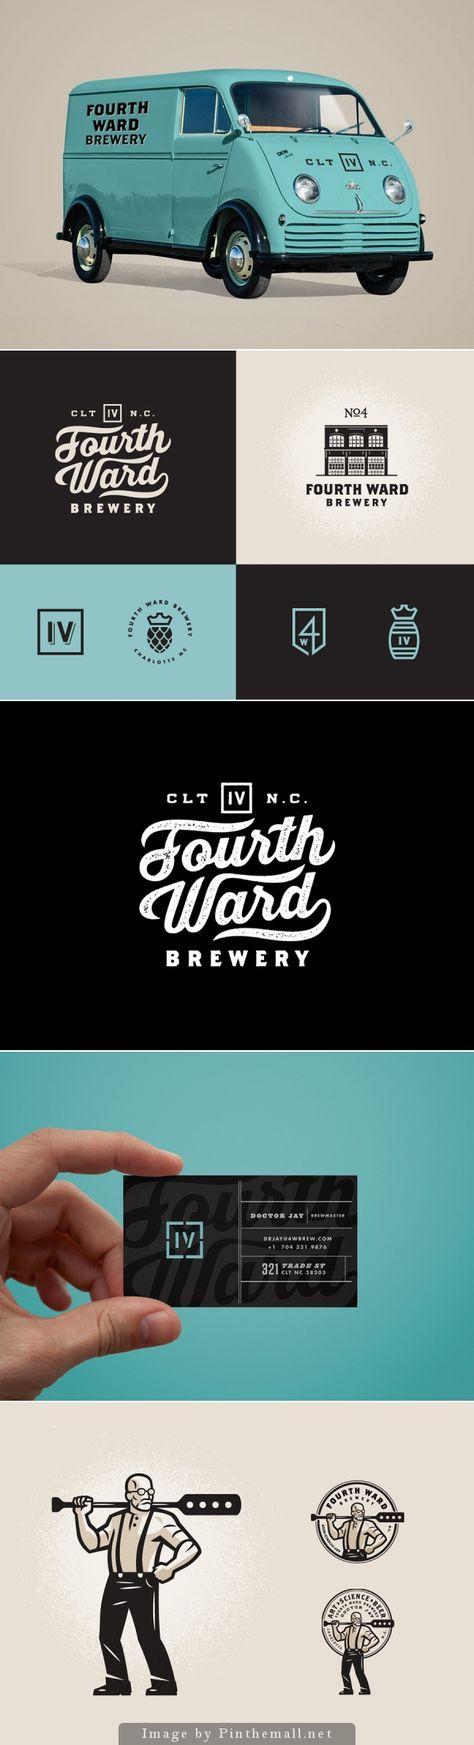 Fourth Ward Brewery #design #branding